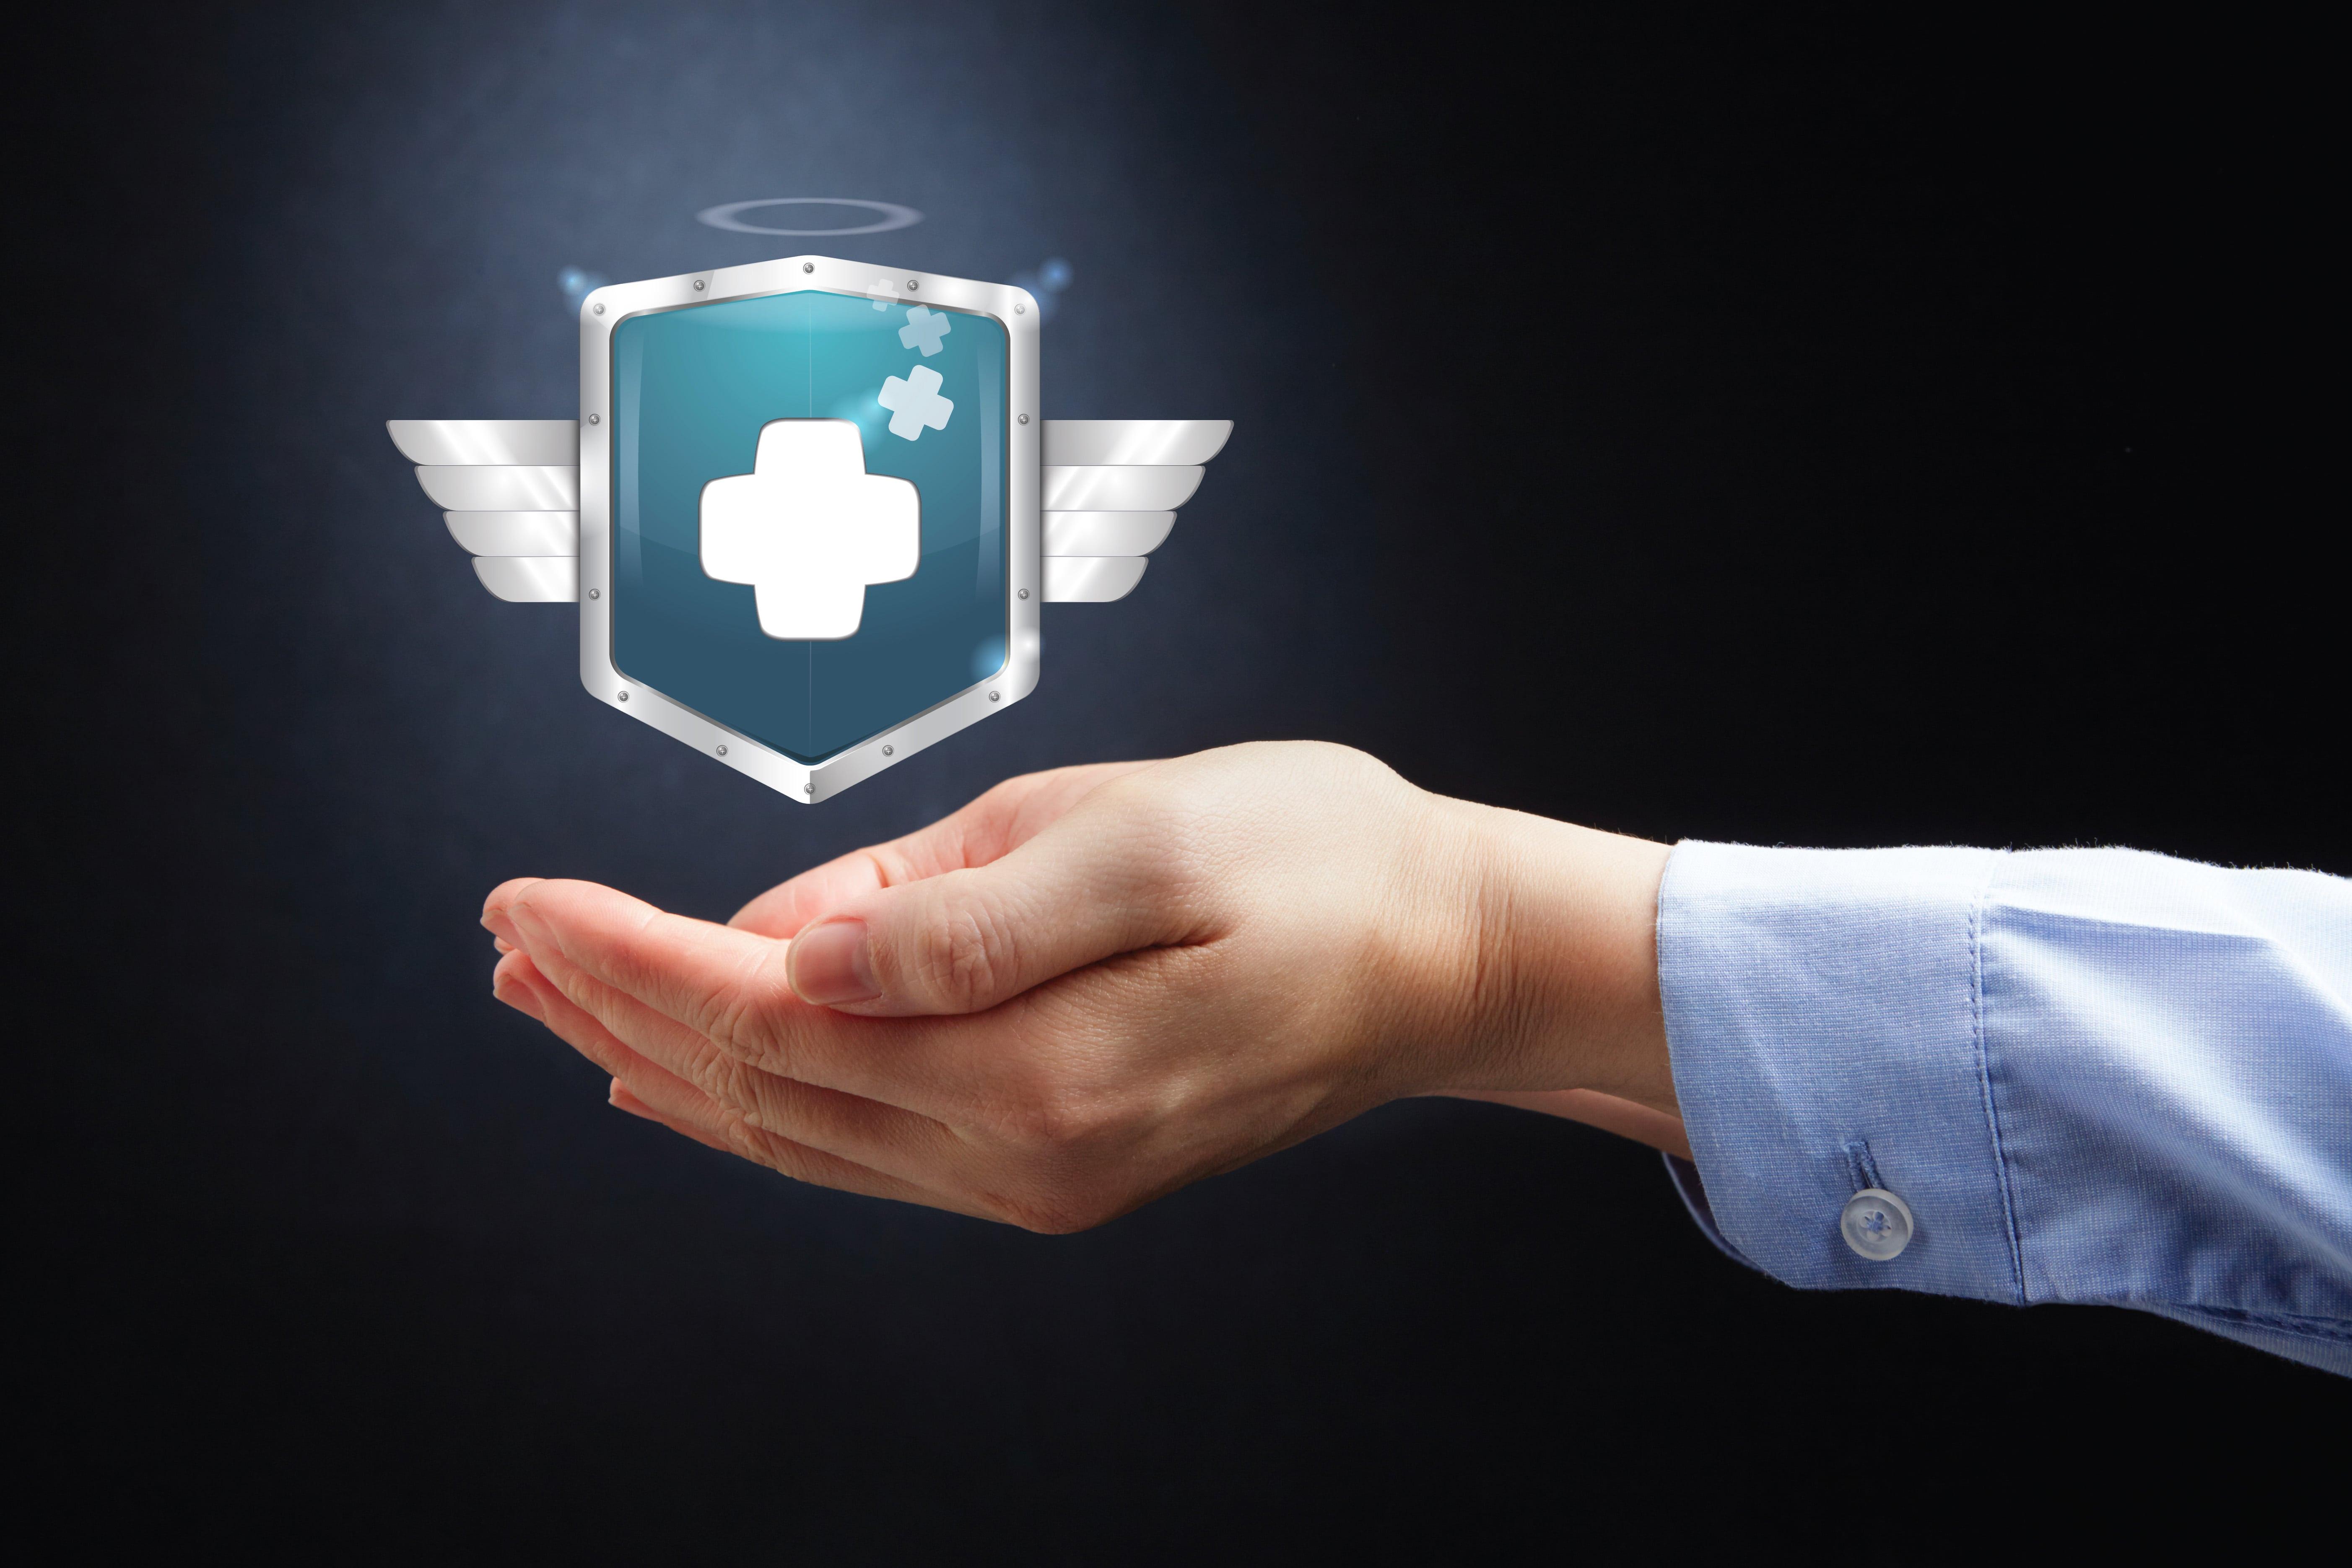 תביעות ביטוח – 4 דגשים שלא הכרתם